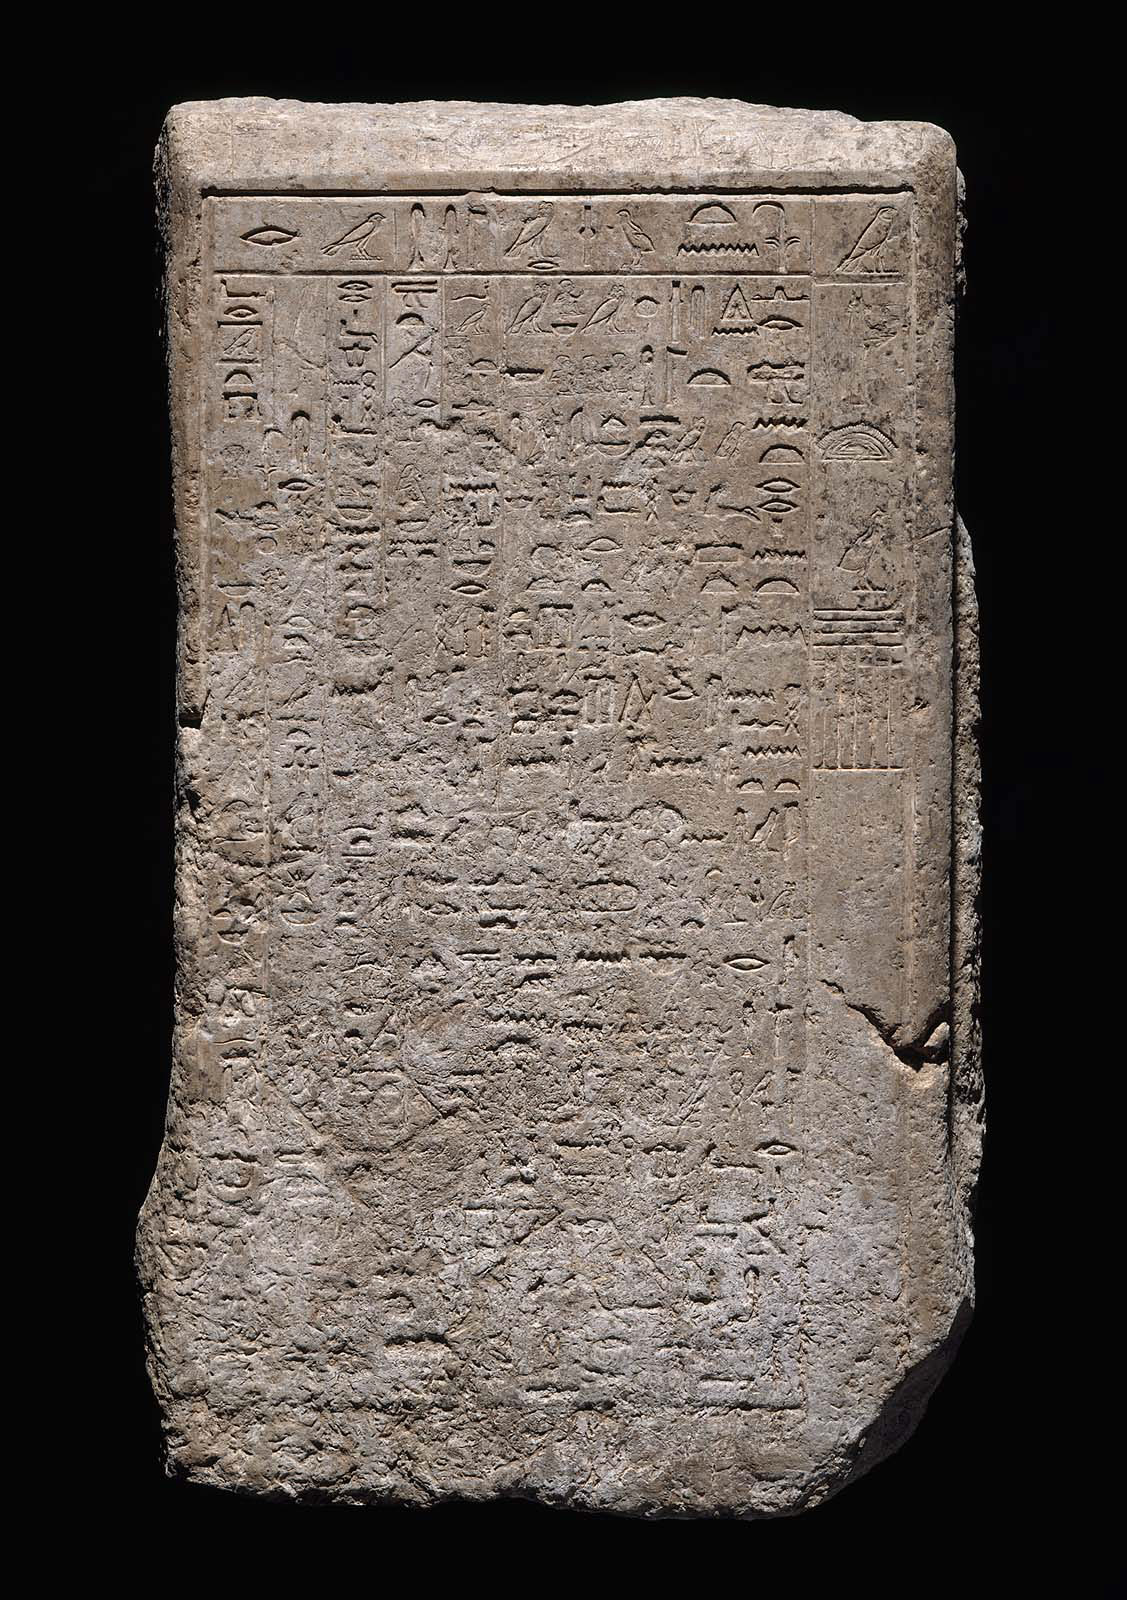 Decreto de Neferirkare SC205274